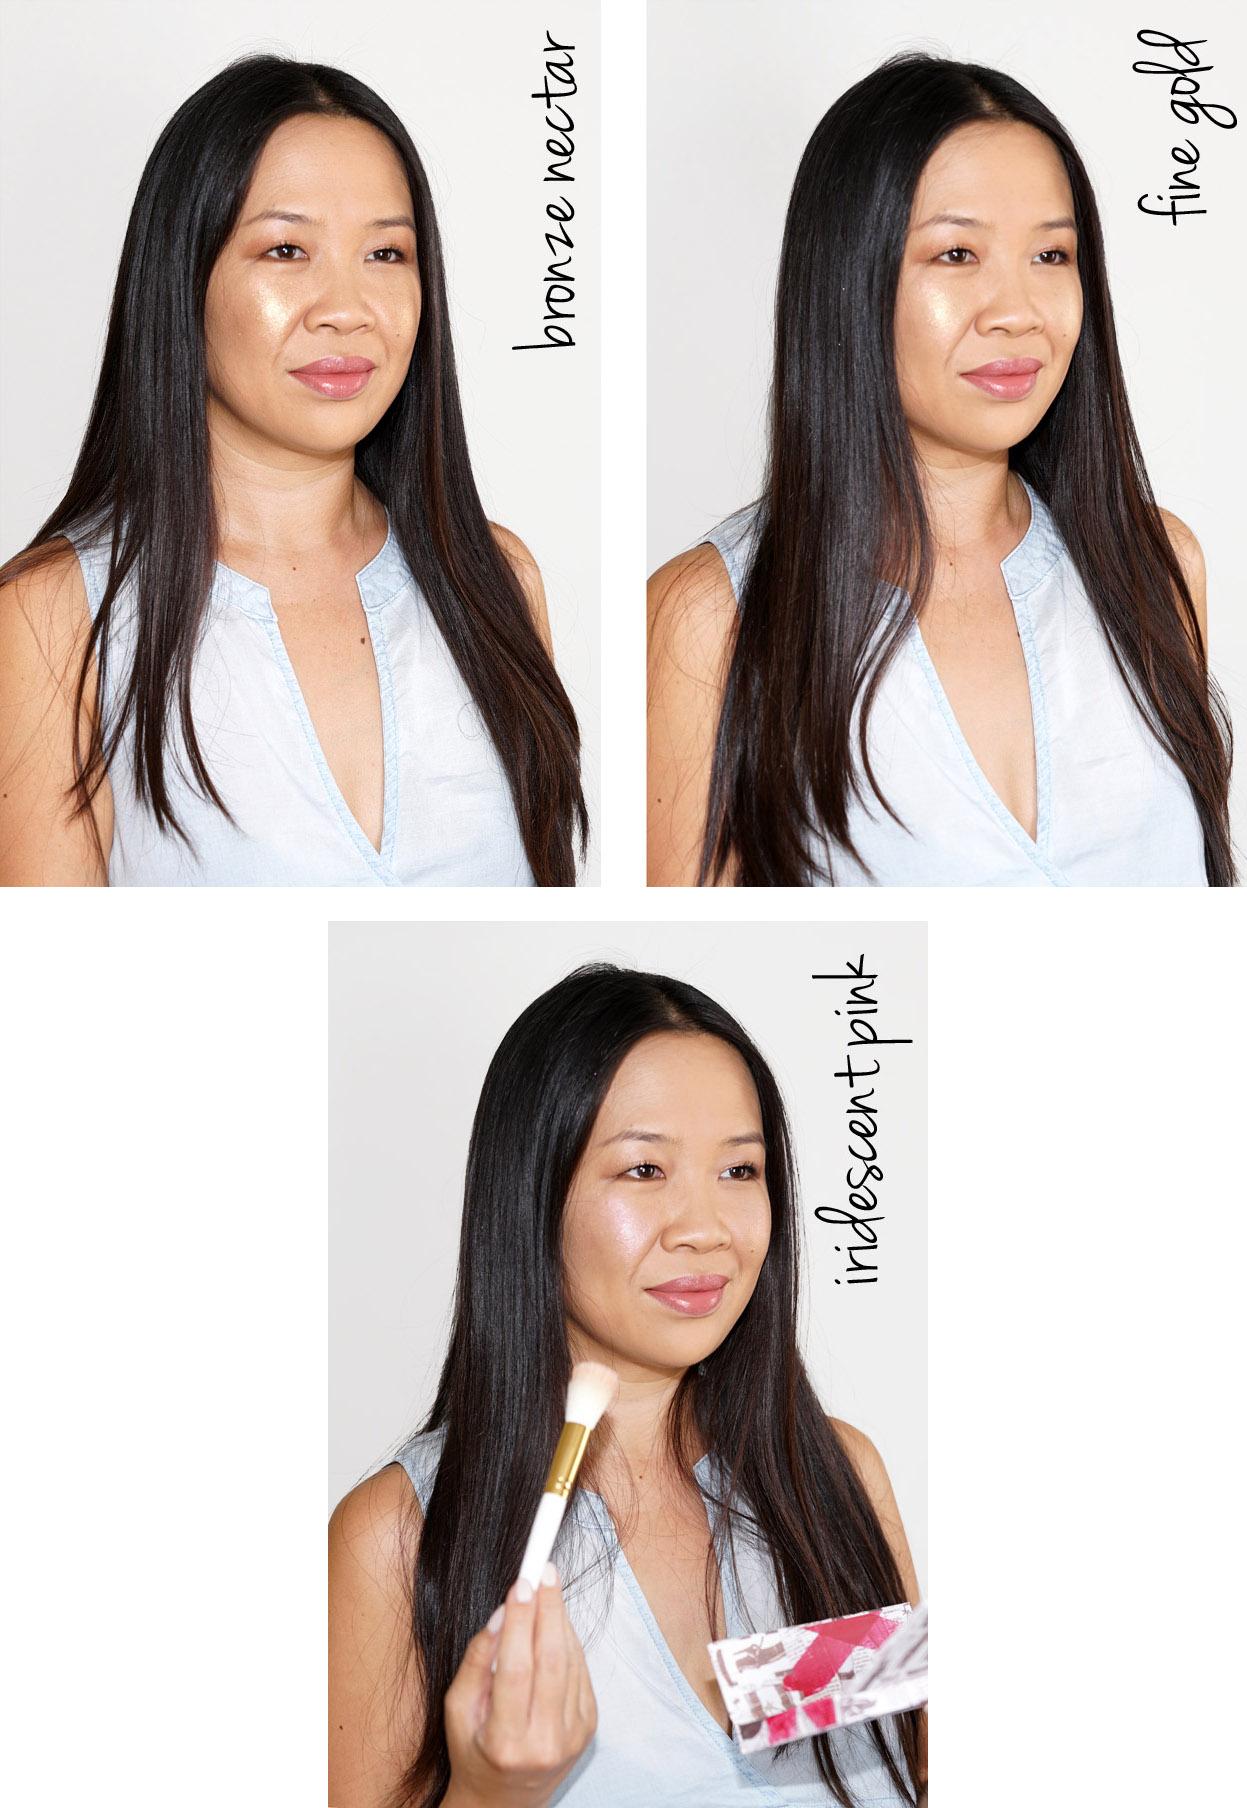 Pat McGrath Labs Fétichisme de la peau Sublime Highlighting Trio look beauté | Le livre de beauté